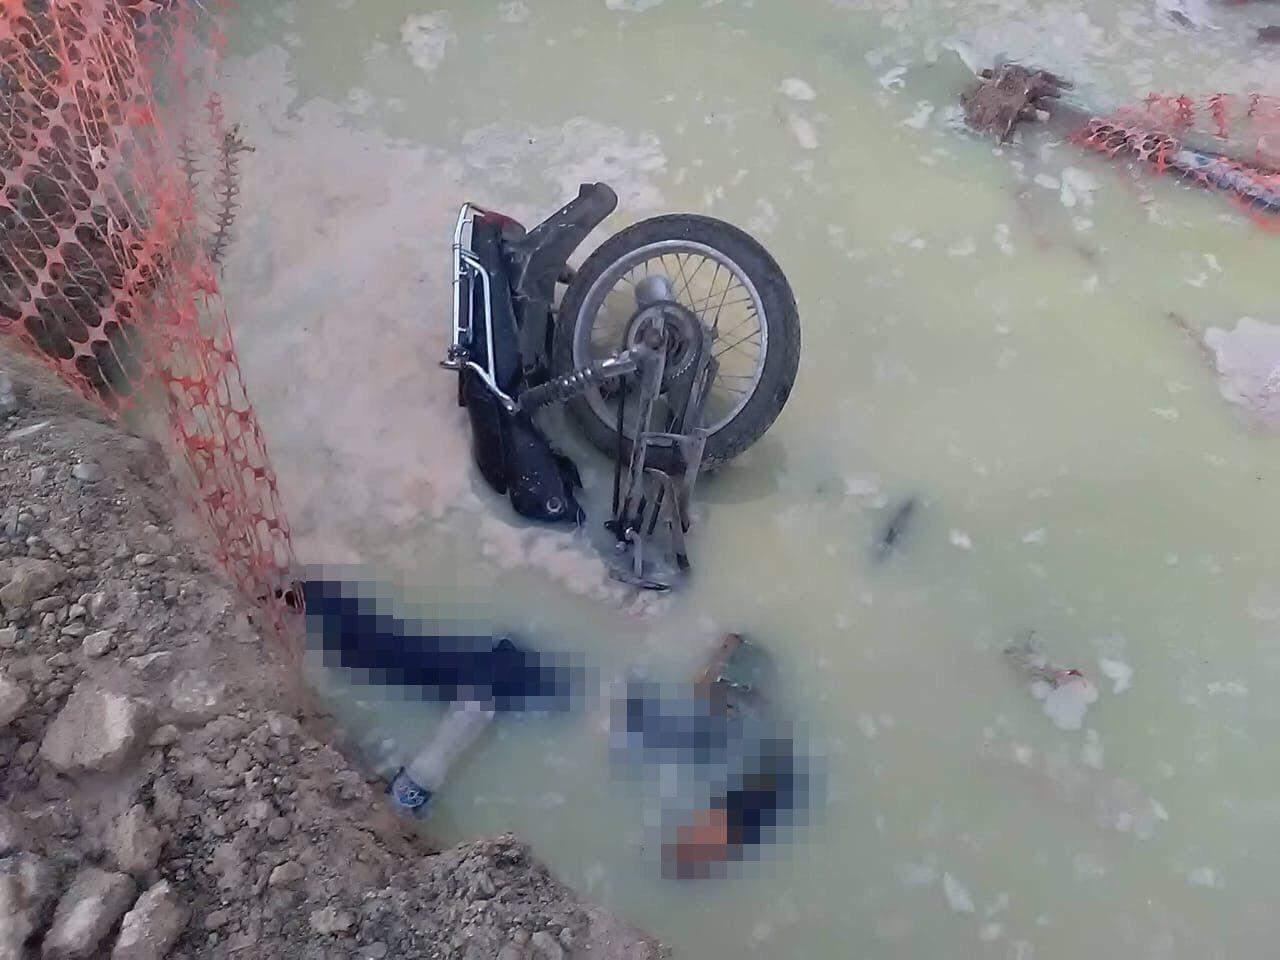 Muere motociclista al caer en zanja en Torreón